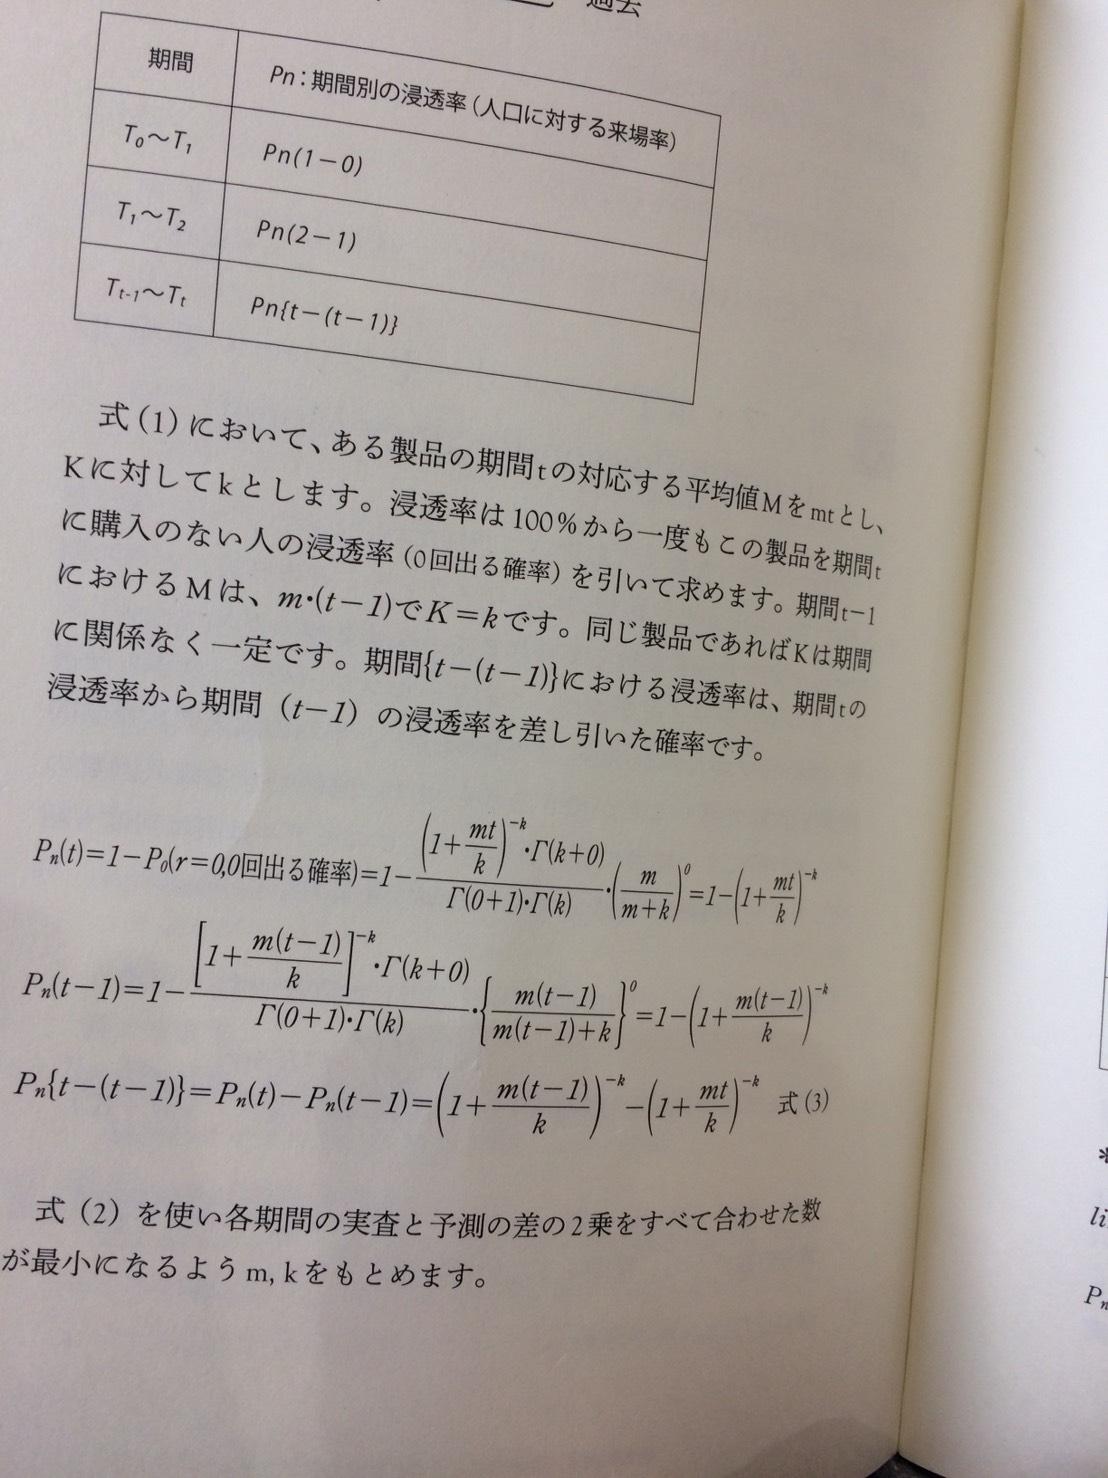 盛岡氏の統計